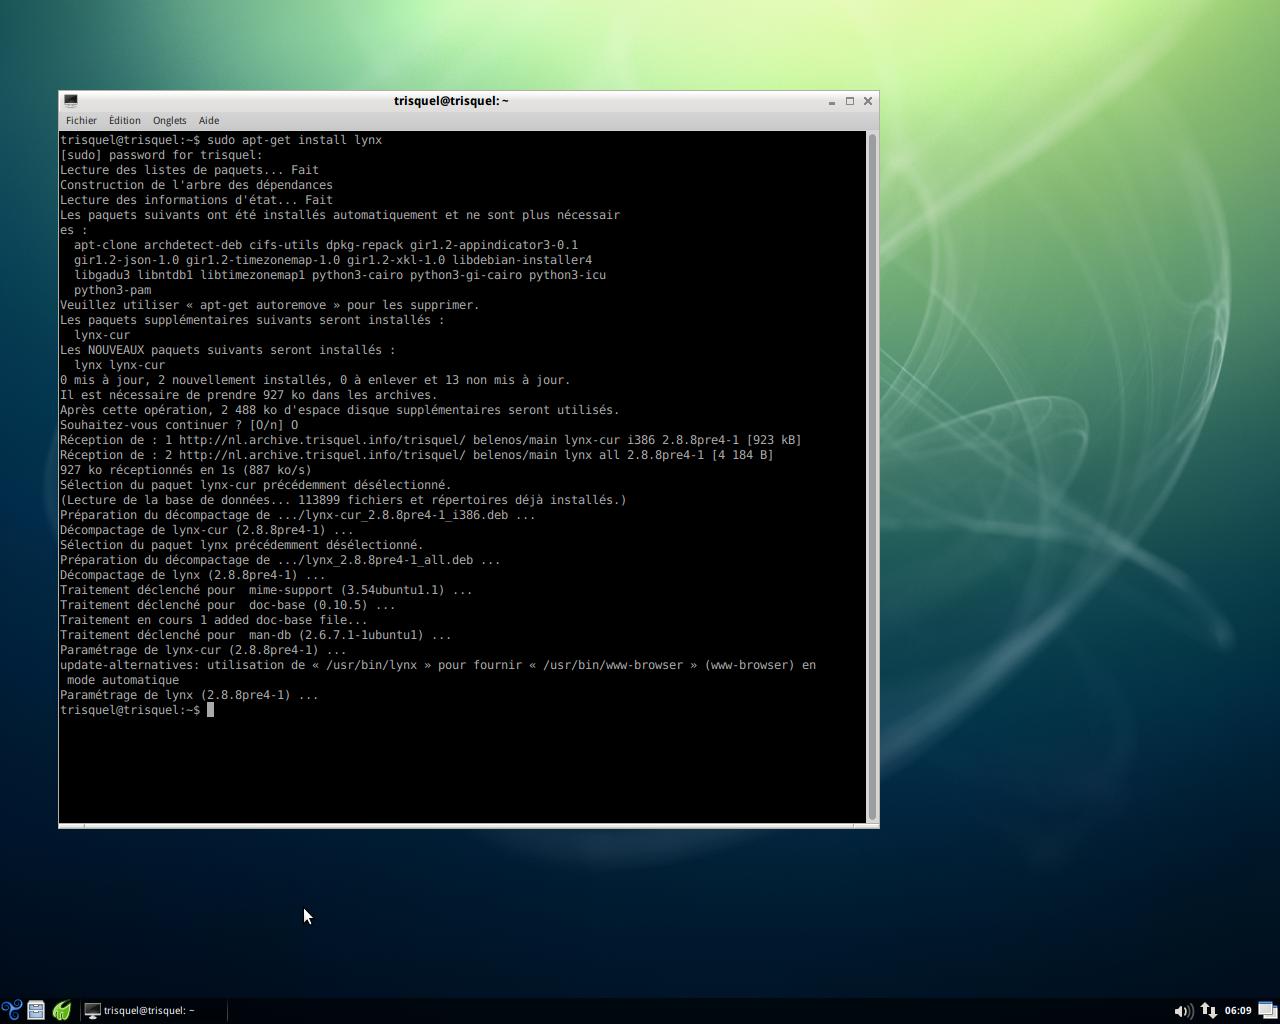 Installation-de-logiciels_via_la_ligne_de_commande_Trisquel_7.png